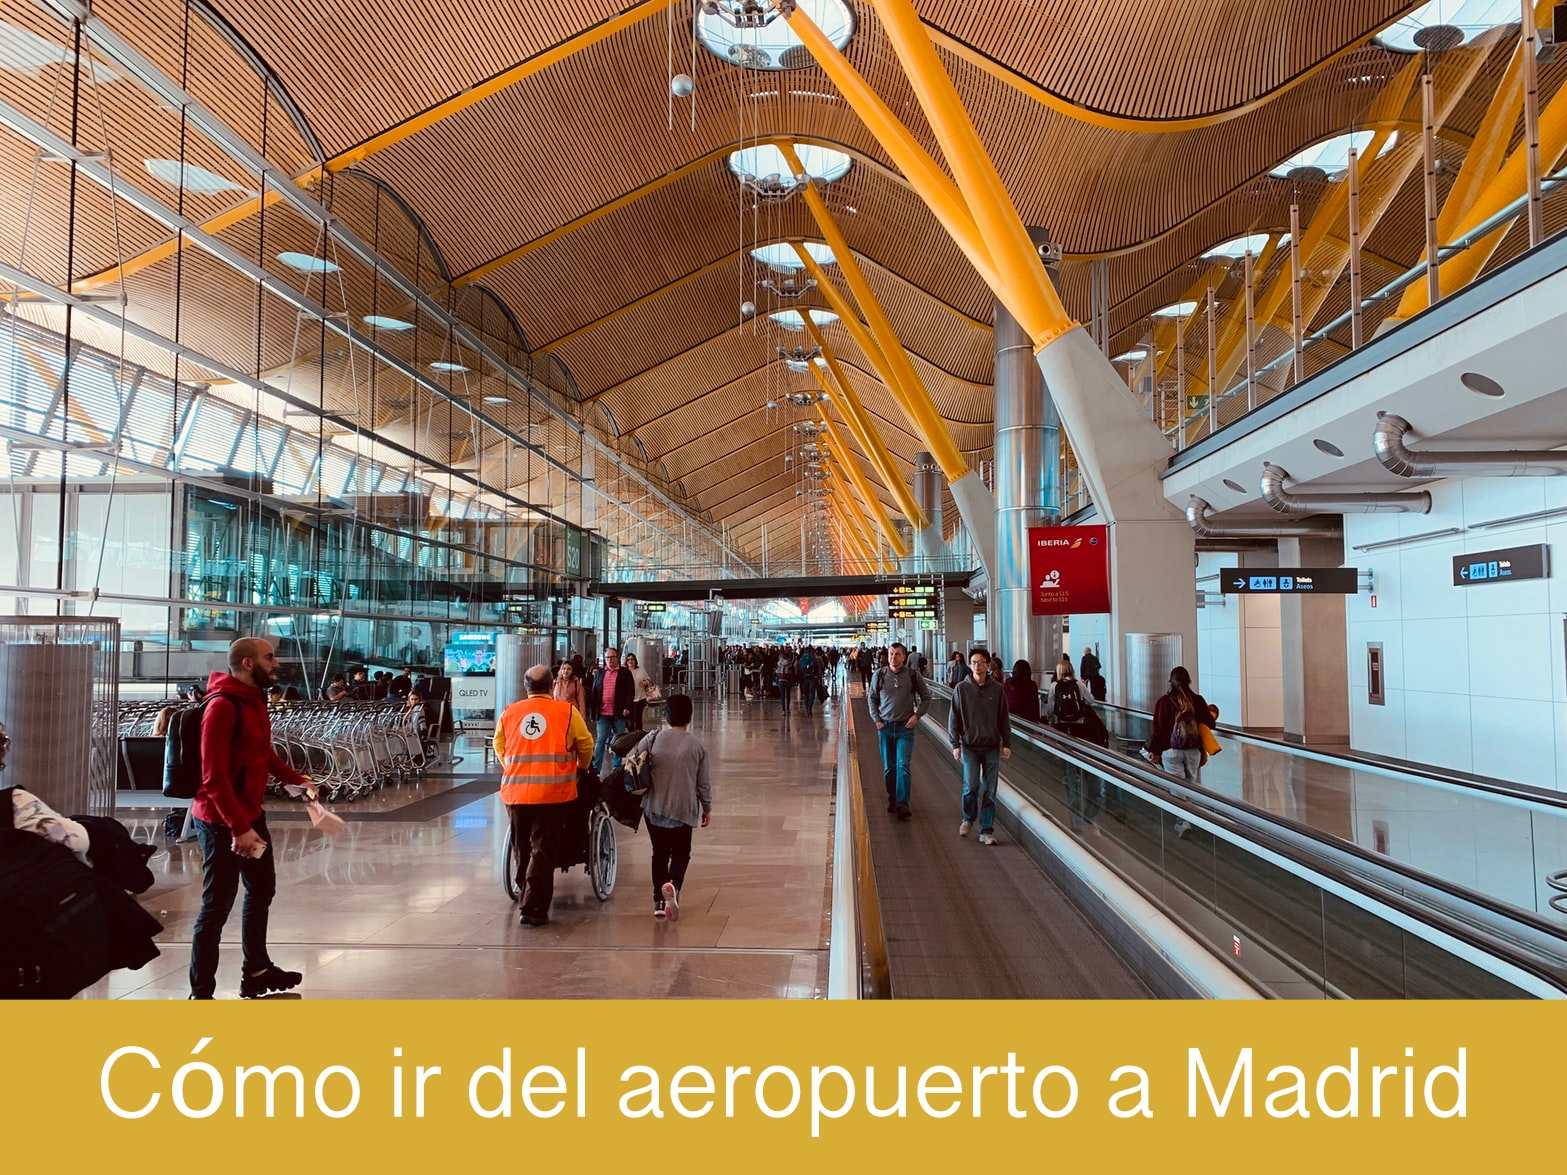 Cómo ir del aeropuerto a Madrid